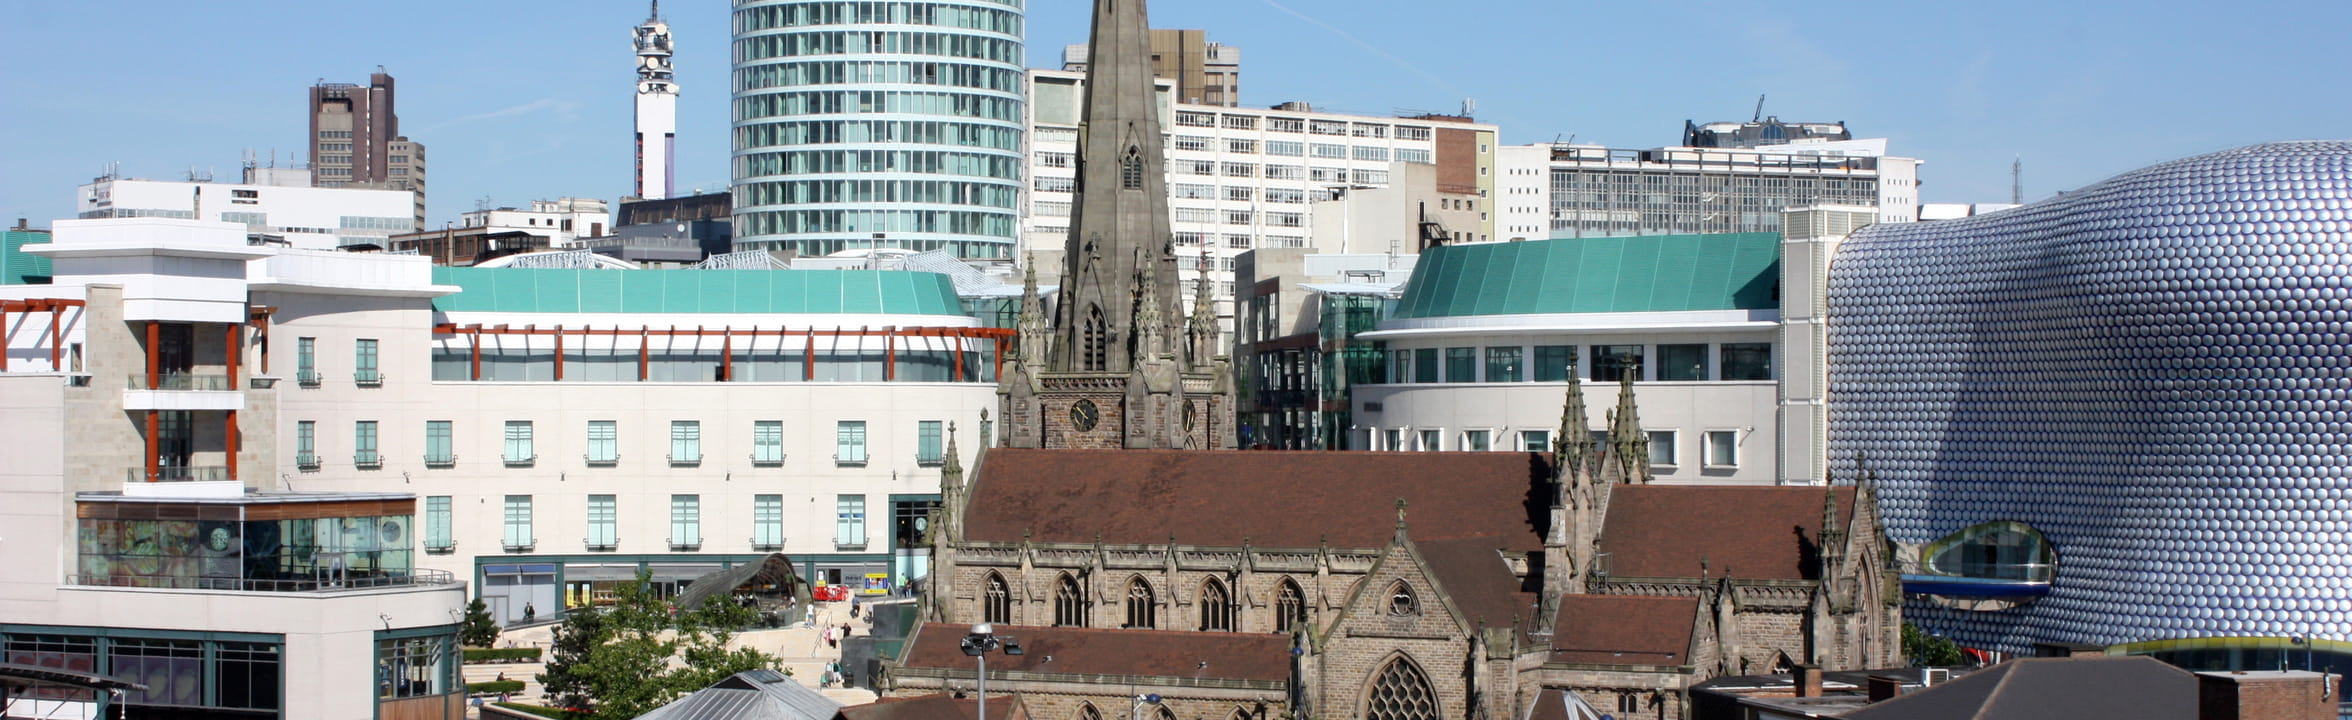 UK Birmingham